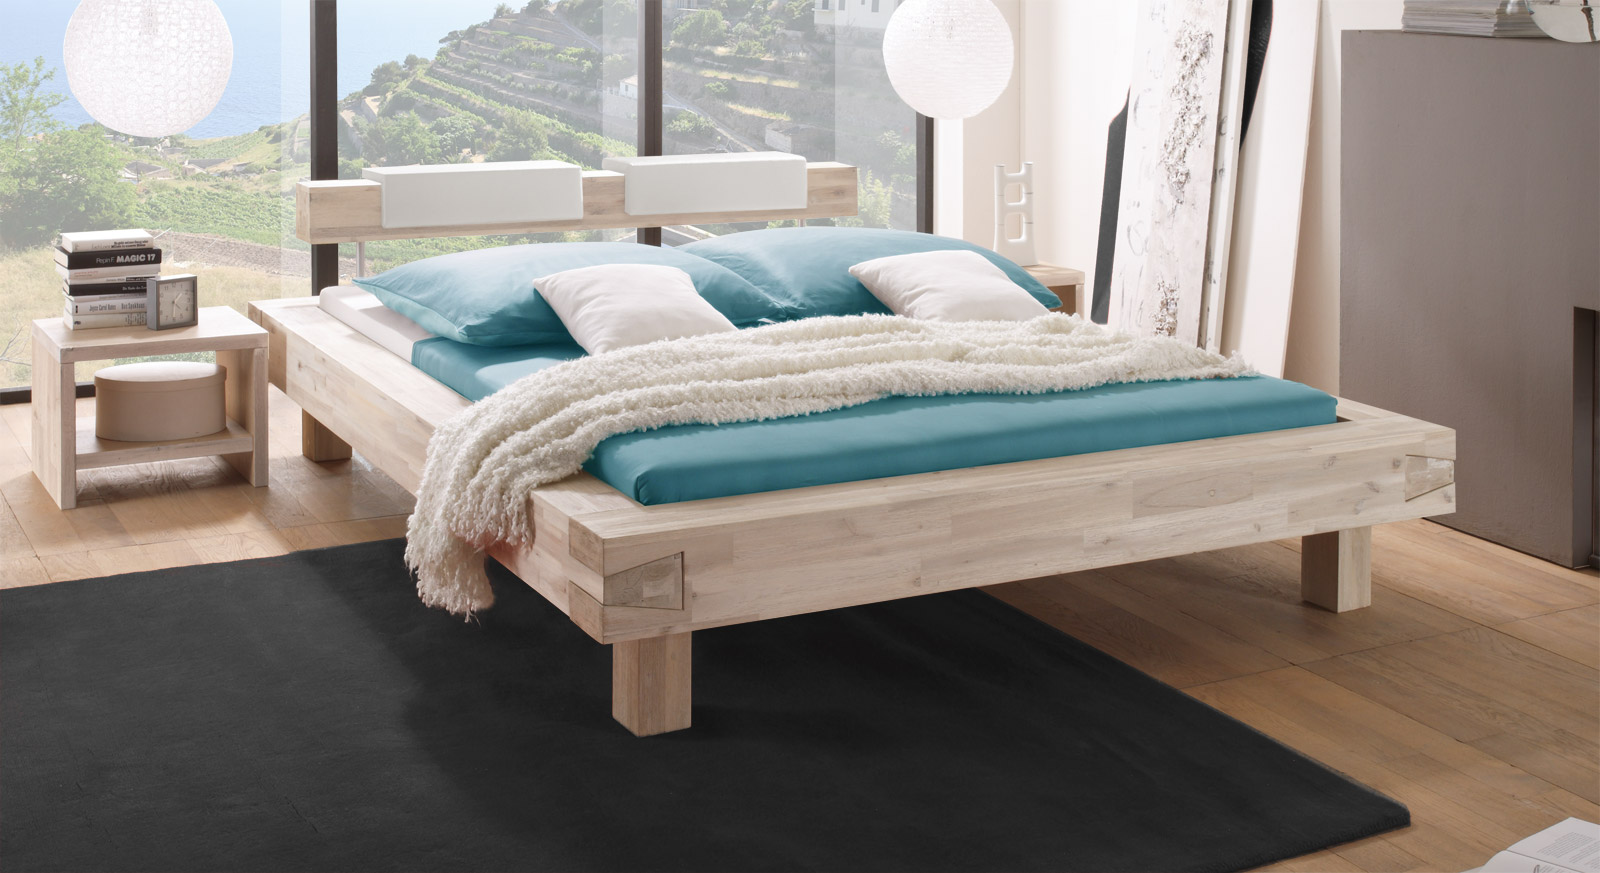 Gorgeous Schlaf Bett Best Choice Of Das Bettklima